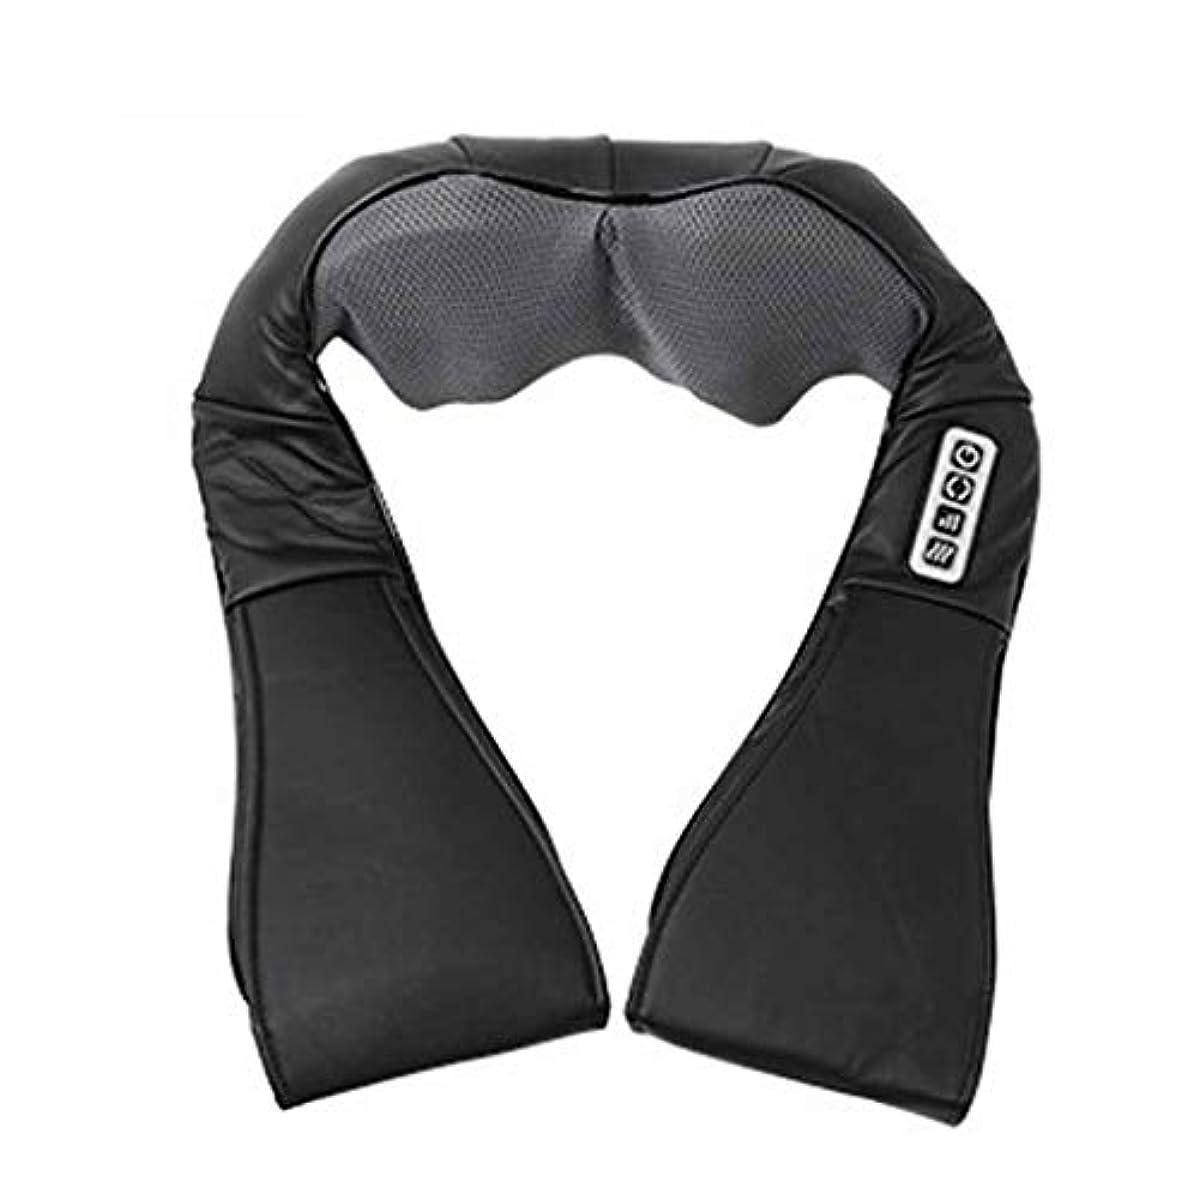 担当者ホール小数指圧指圧ネック、肩、背中、脚、および足のマッサージ枕、黒